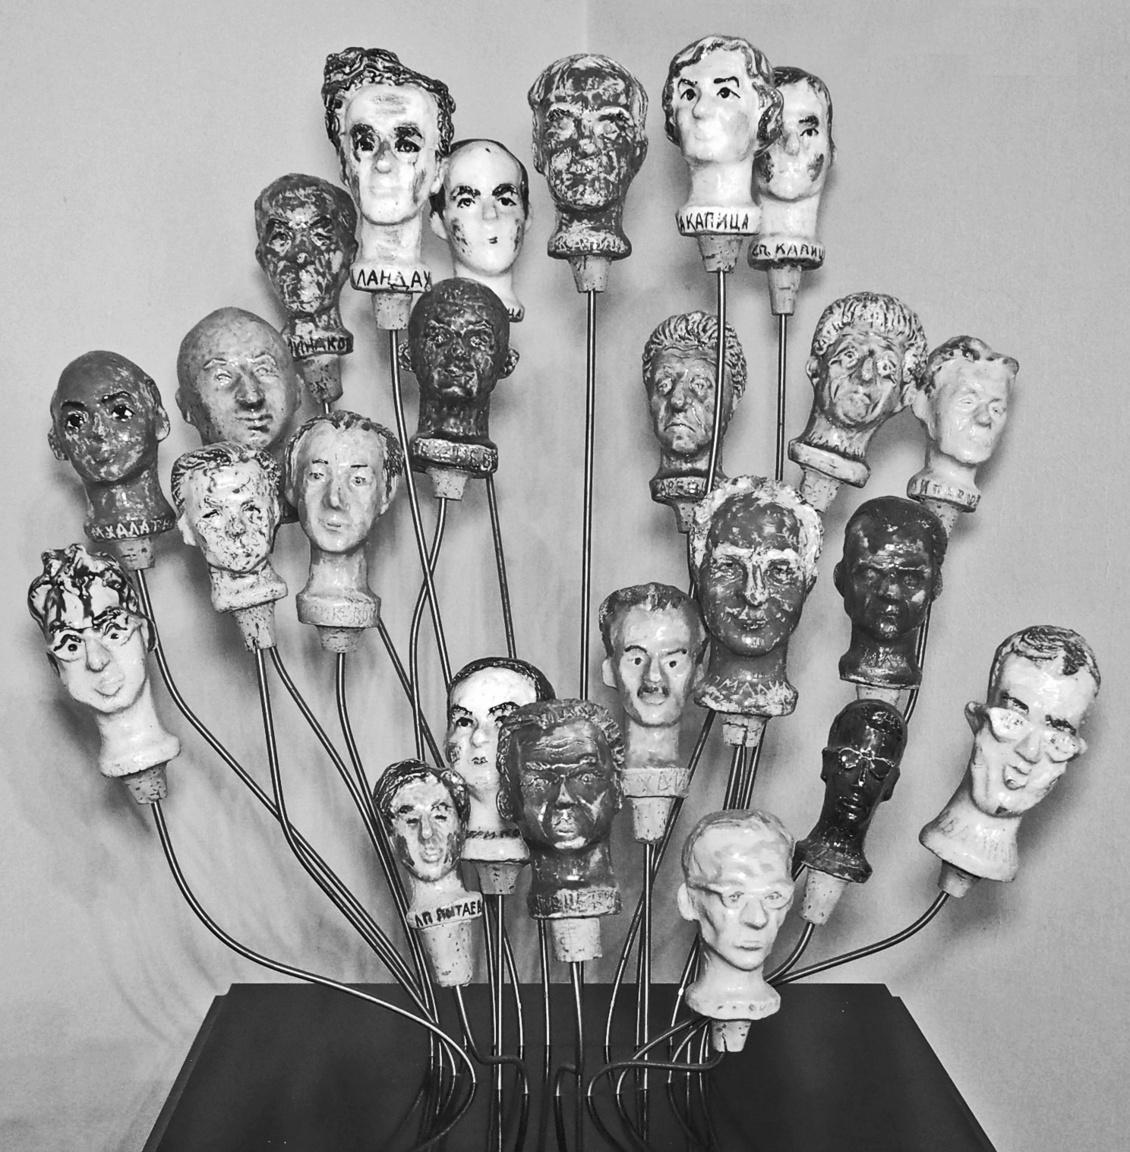 A huszonnégy fejű fizikussárkány: Pjotr L. Kapica és legközelebbi munkatársai 1964-ben készült majolikadugókon. Kapica (legfelül a középső fej az övé) a mágnesesség tanulmányozásában szerzett elévülhetetlen érdemeket.